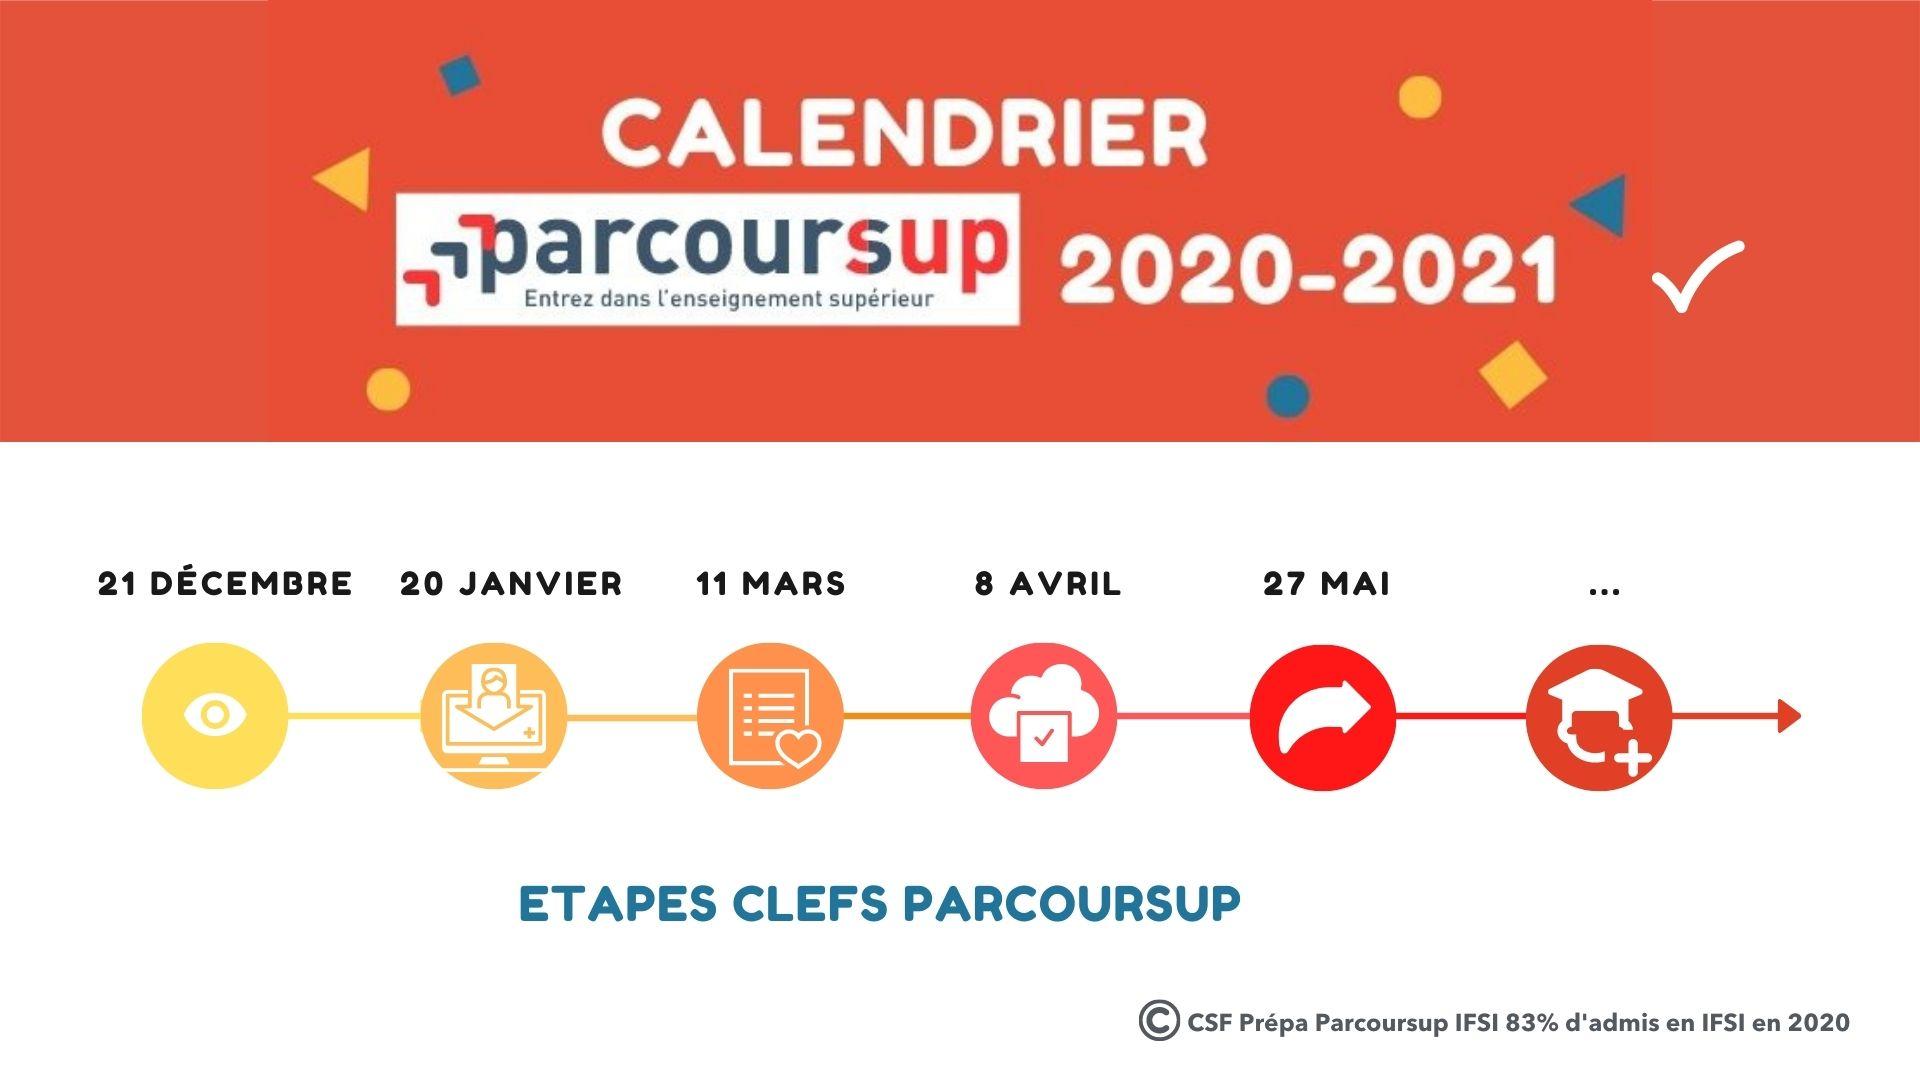 Calendrier Parcoursup 2020 2021 : les dates clefs   CSF Admission IFSI